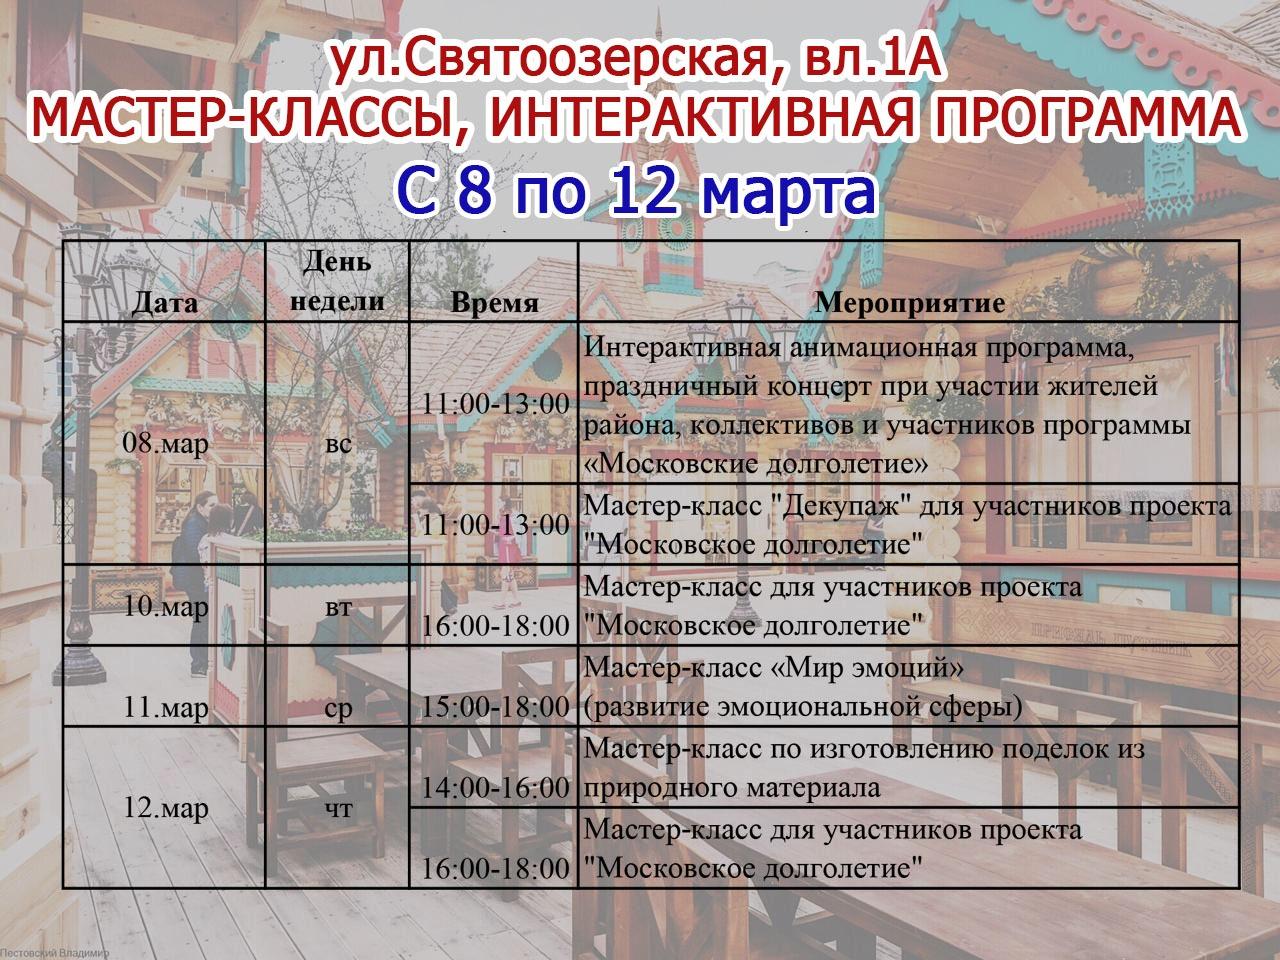 72099F0E-CF47-47CF-BB48-84C7173762C9